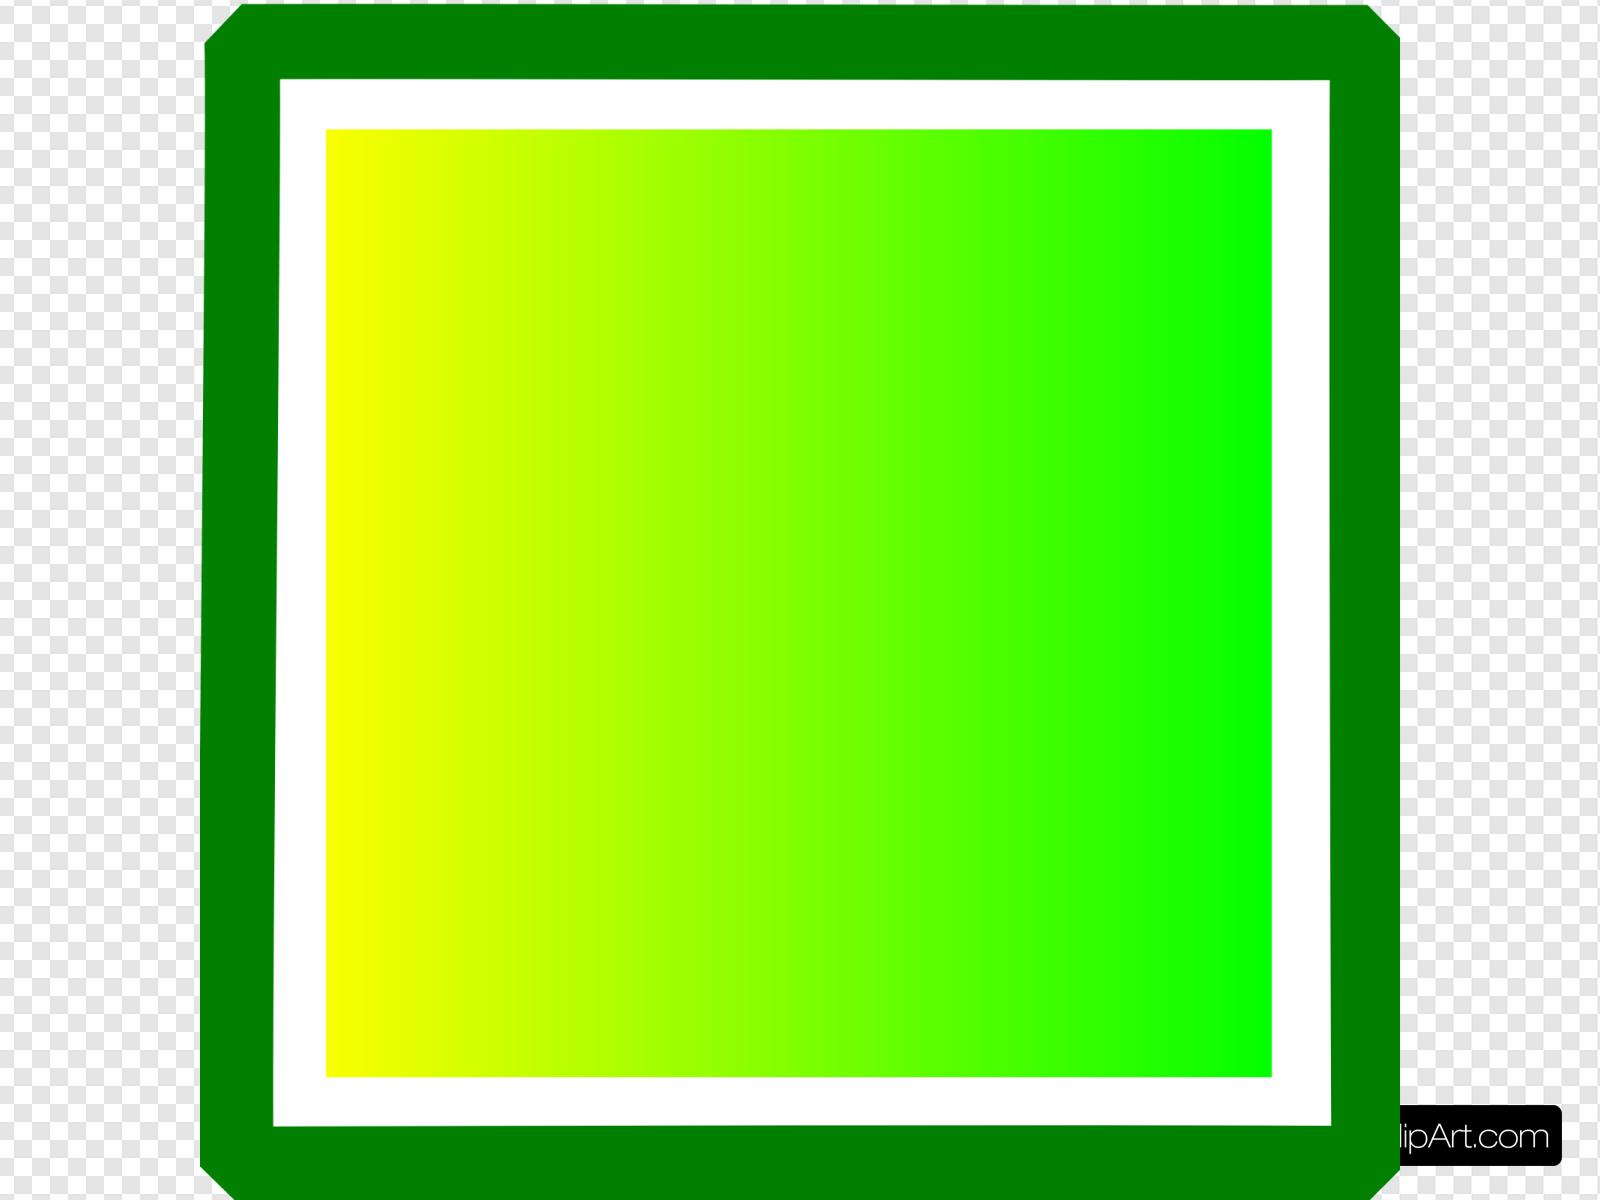 Green Box Clip art, Icon and SVG.